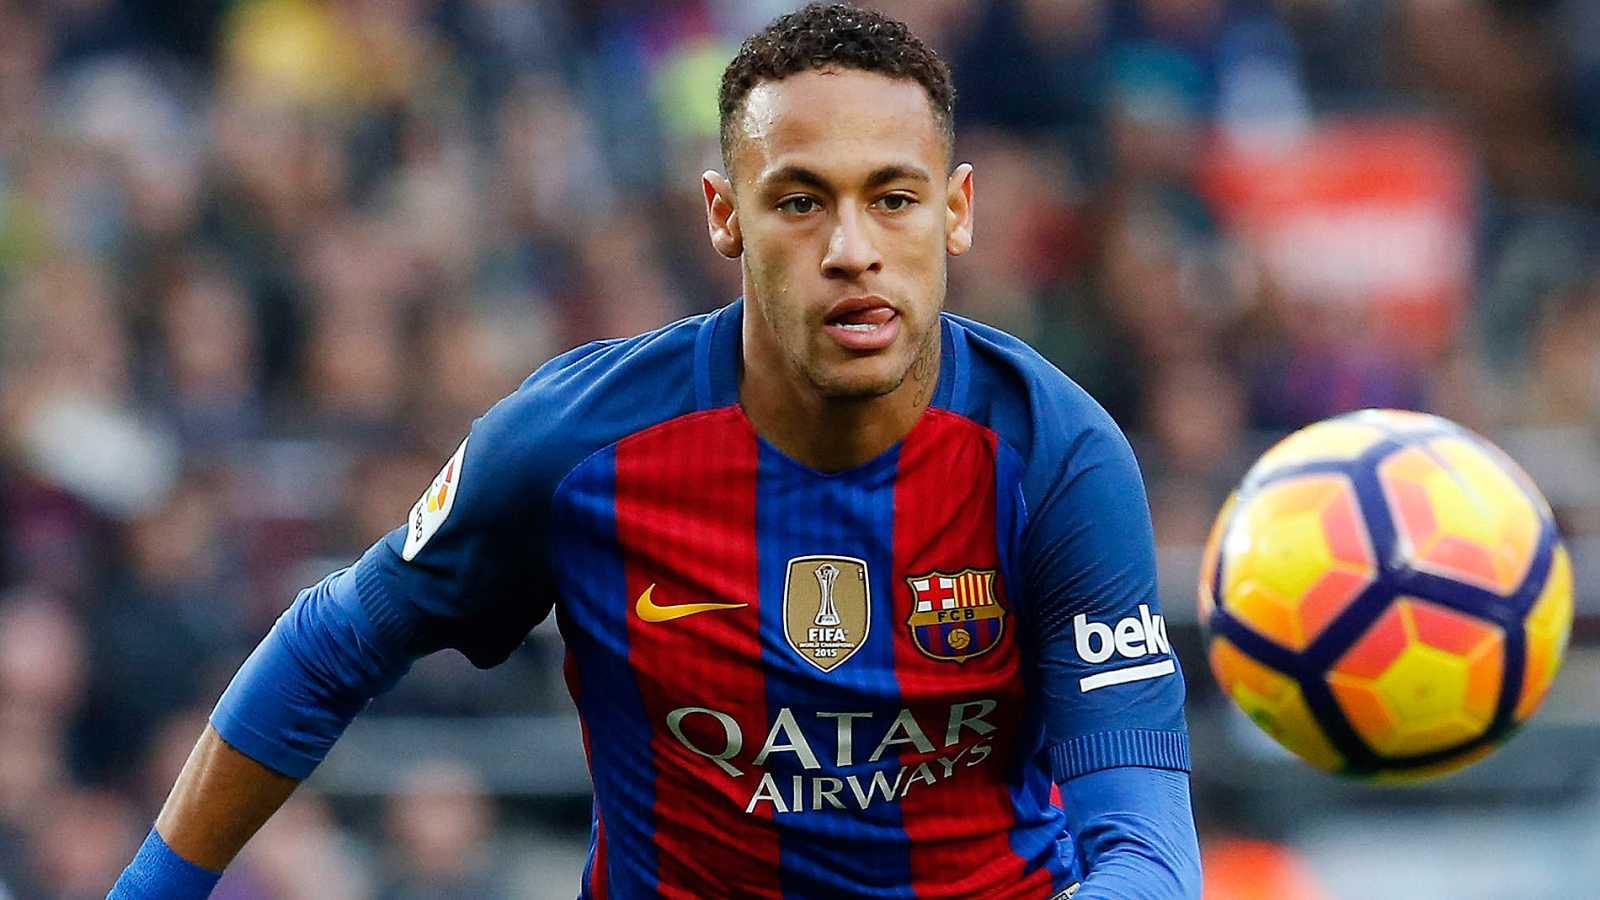 El acto de conciliación entre Neymar Jr. y el Barcelona se ha saldado sin acuerdo, por lo que ambas partes irán a juicio por las demandas cruzadas que tienen pendientes por la prima de renovación del jugador brasileño por el club azulgrana.